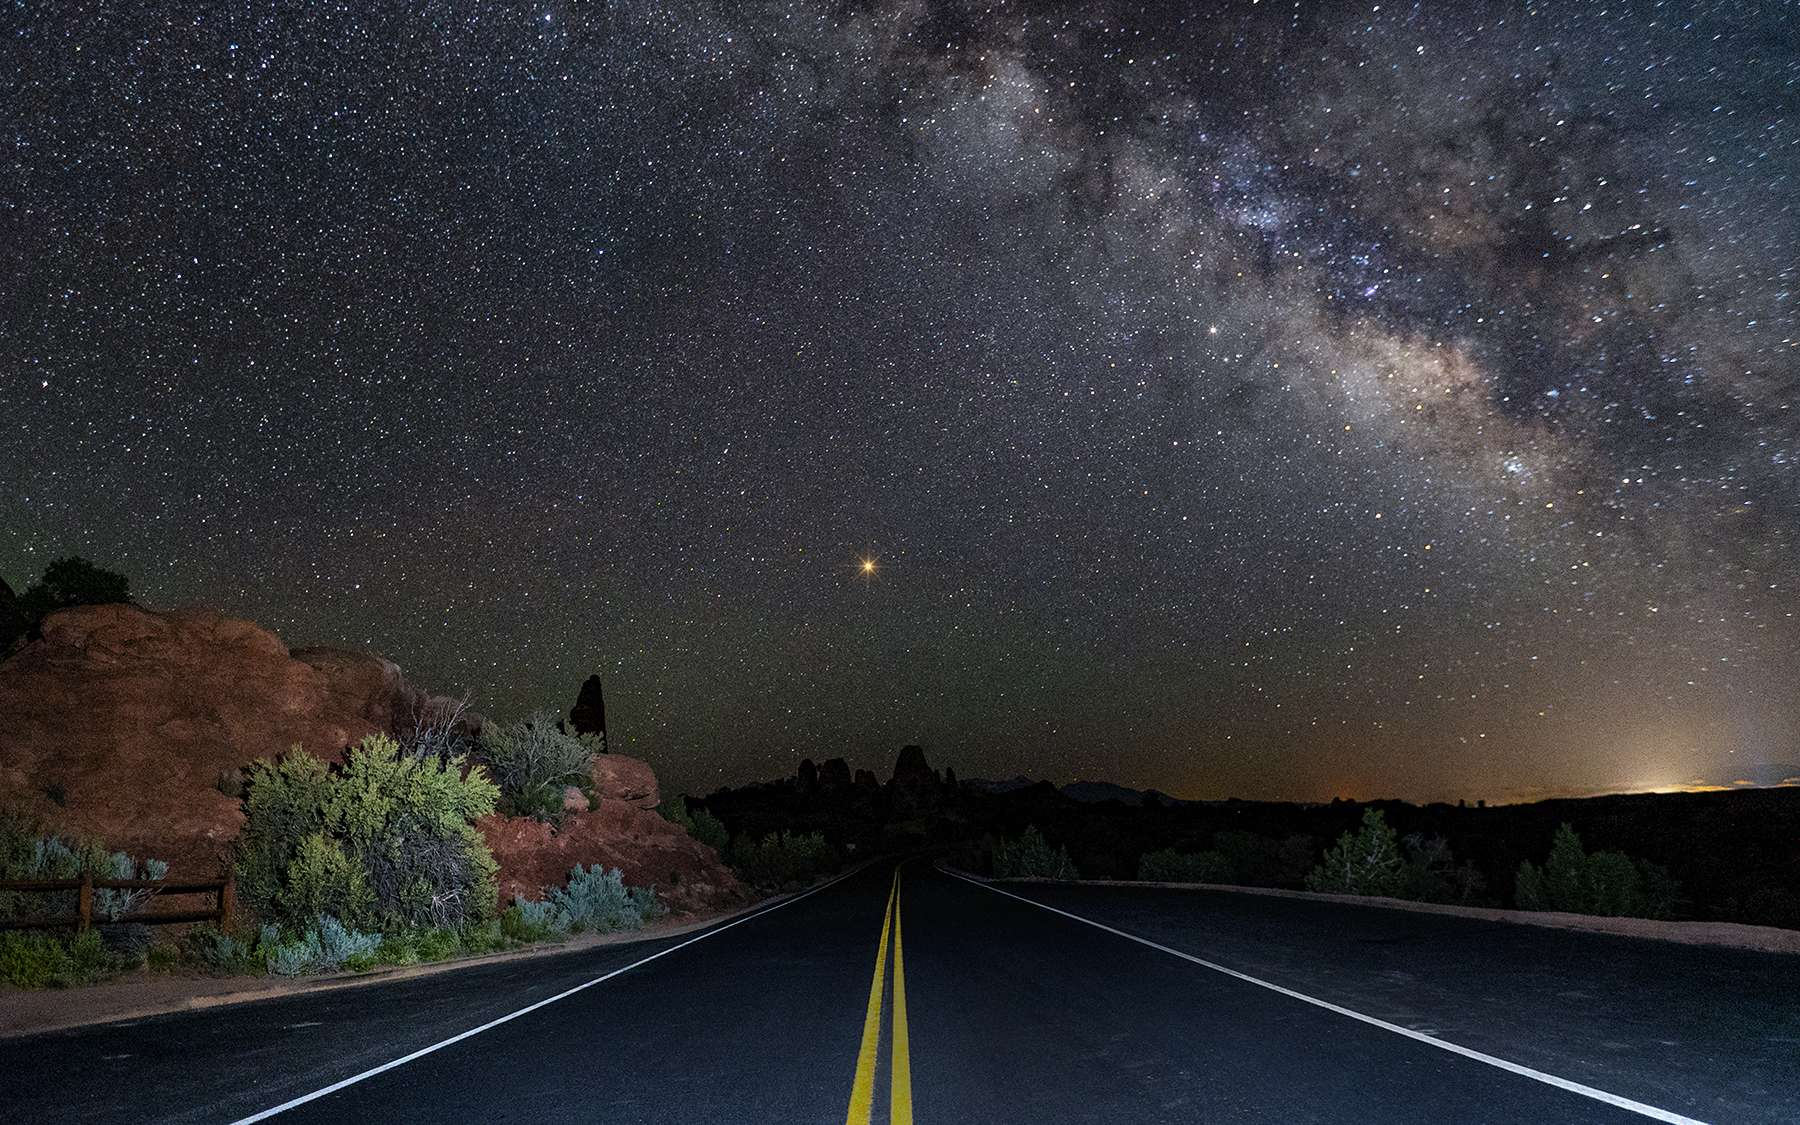 « En route vers Mars » ! Superbe photo de l'astrophotographe John Chumack. Au fil de son rapprochement avec la Terre, Mars est plus brillante, jour après jour. © John Chumack, APOD